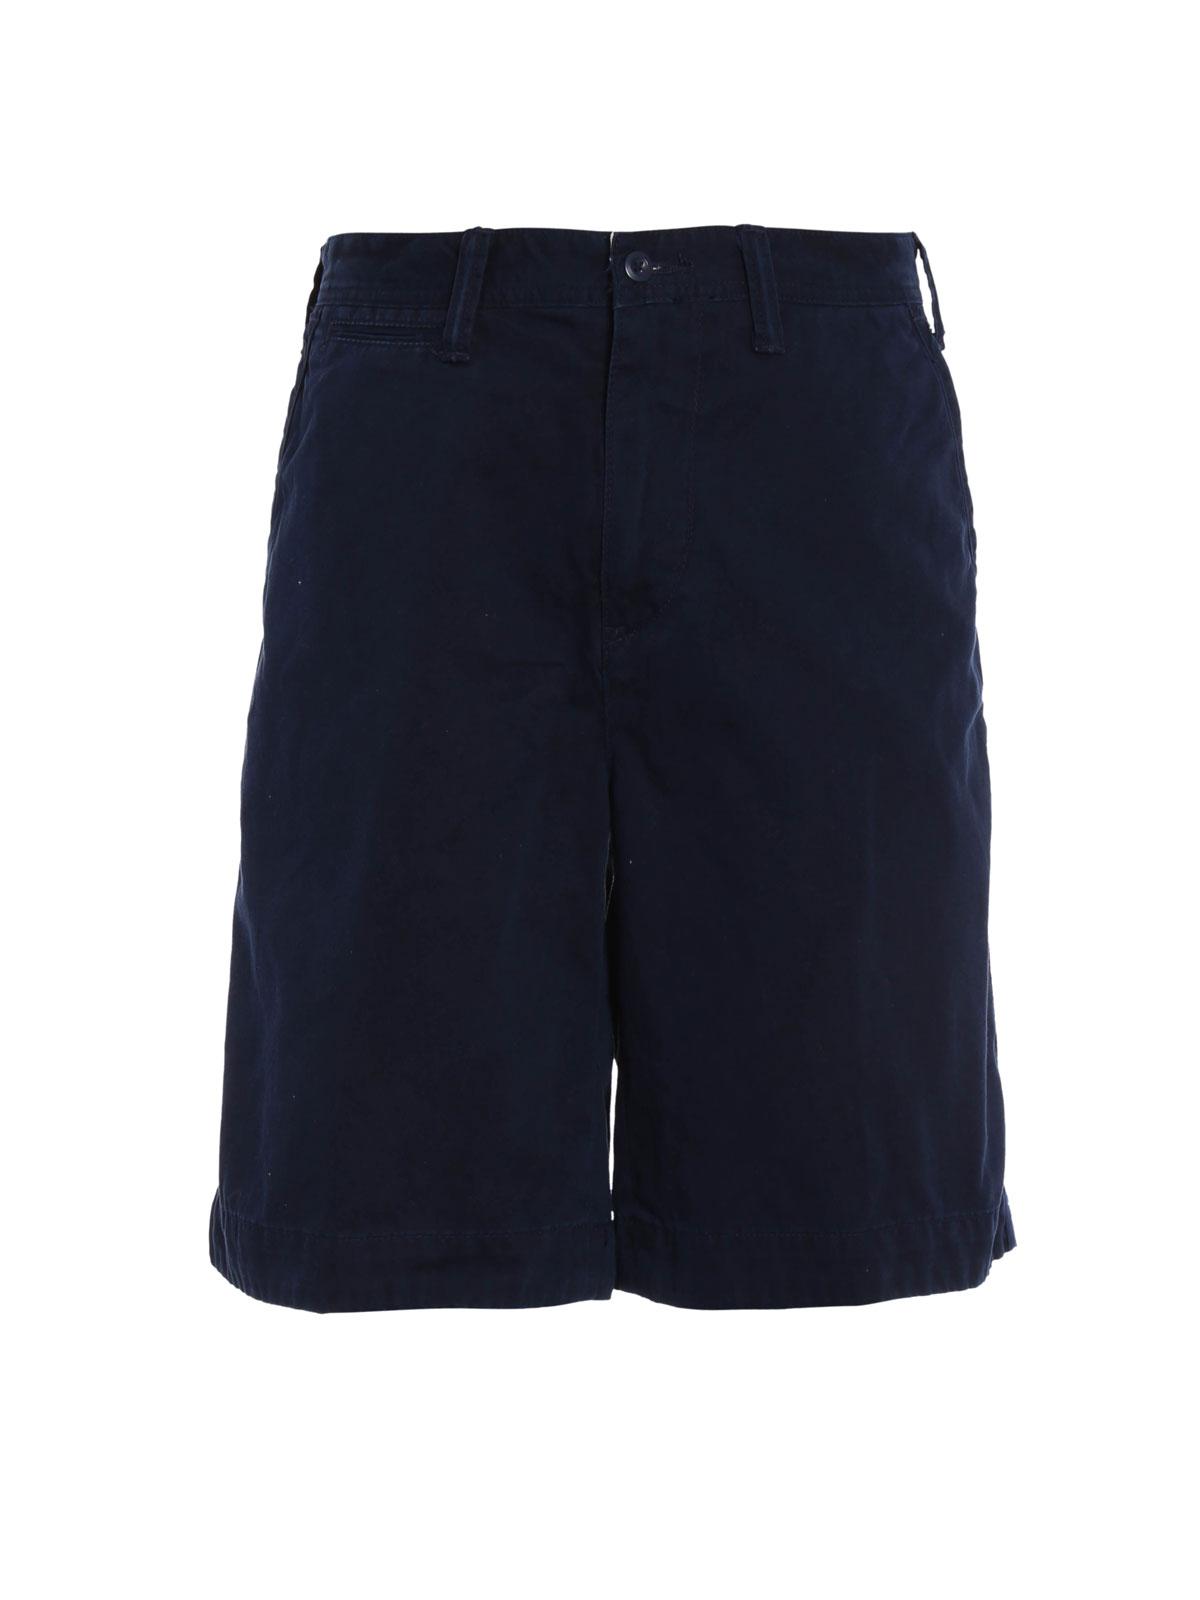 discount code for ralph lauren shorts bleu 0641e 3ce77 30a830e36241